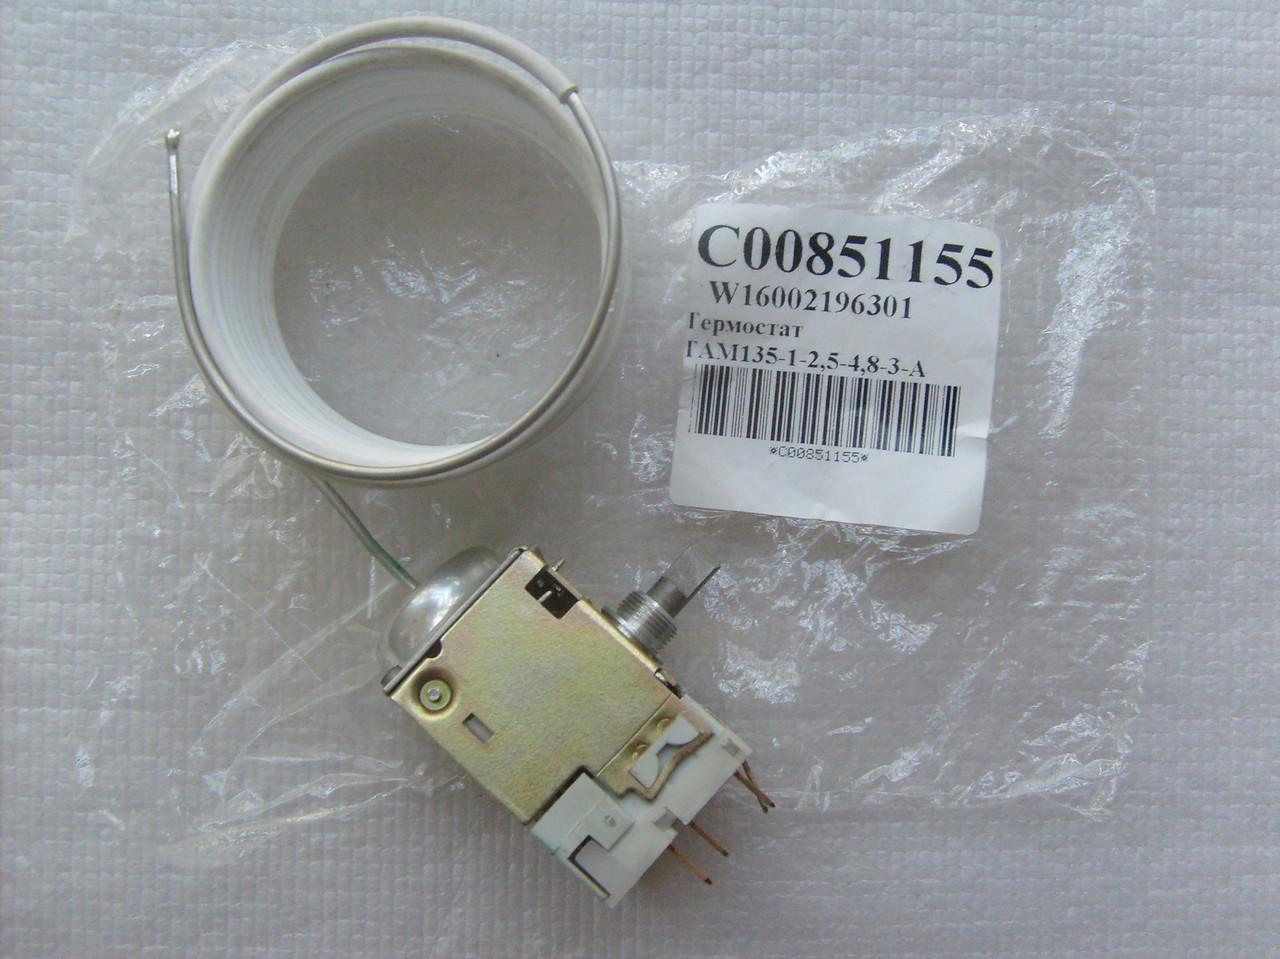 Термостат холодильника Indesit C00851155